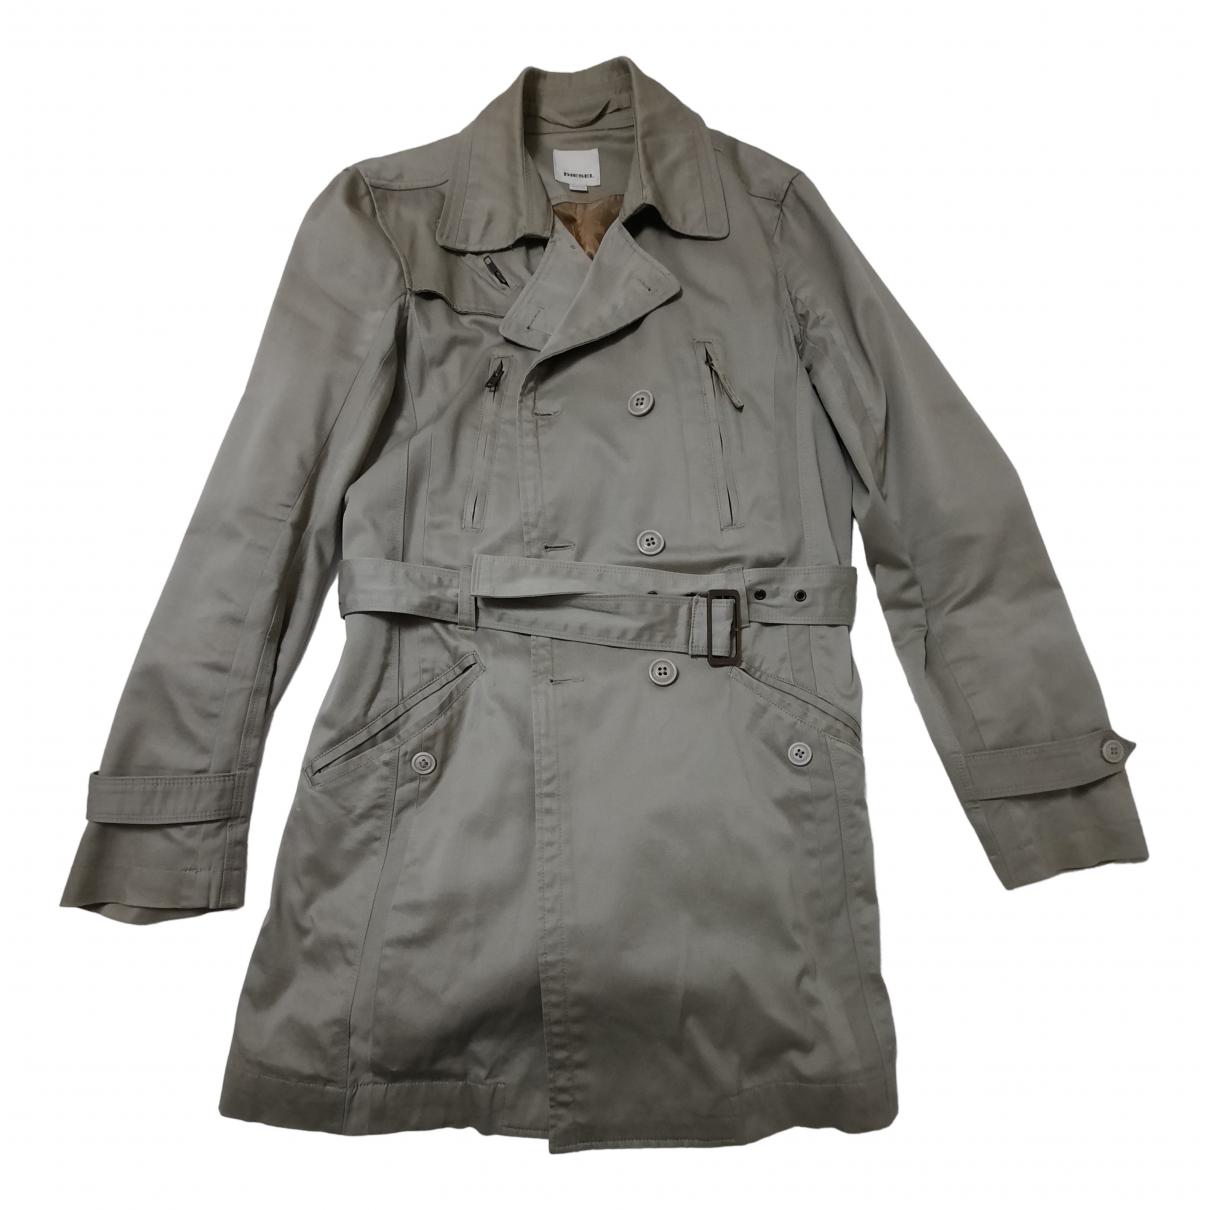 Diesel - Manteau   pour homme en coton - beige